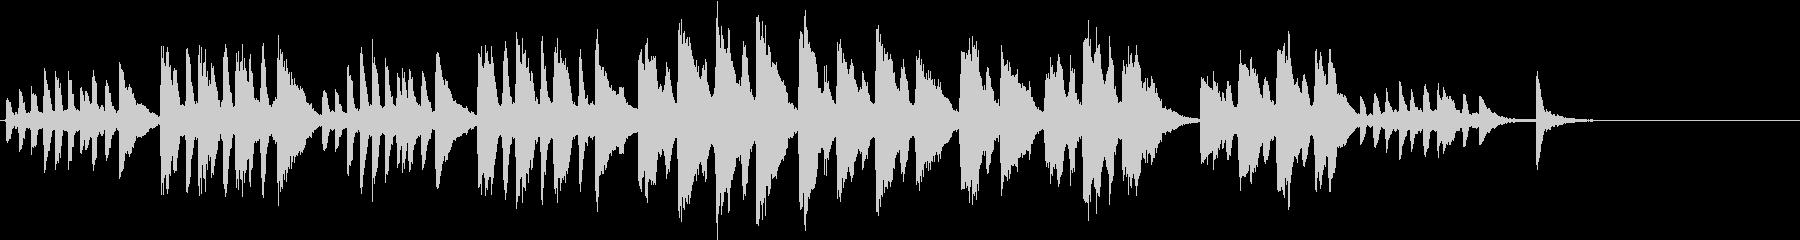 不思議な雰囲気のピアノ曲 束の間の幻影 の未再生の波形